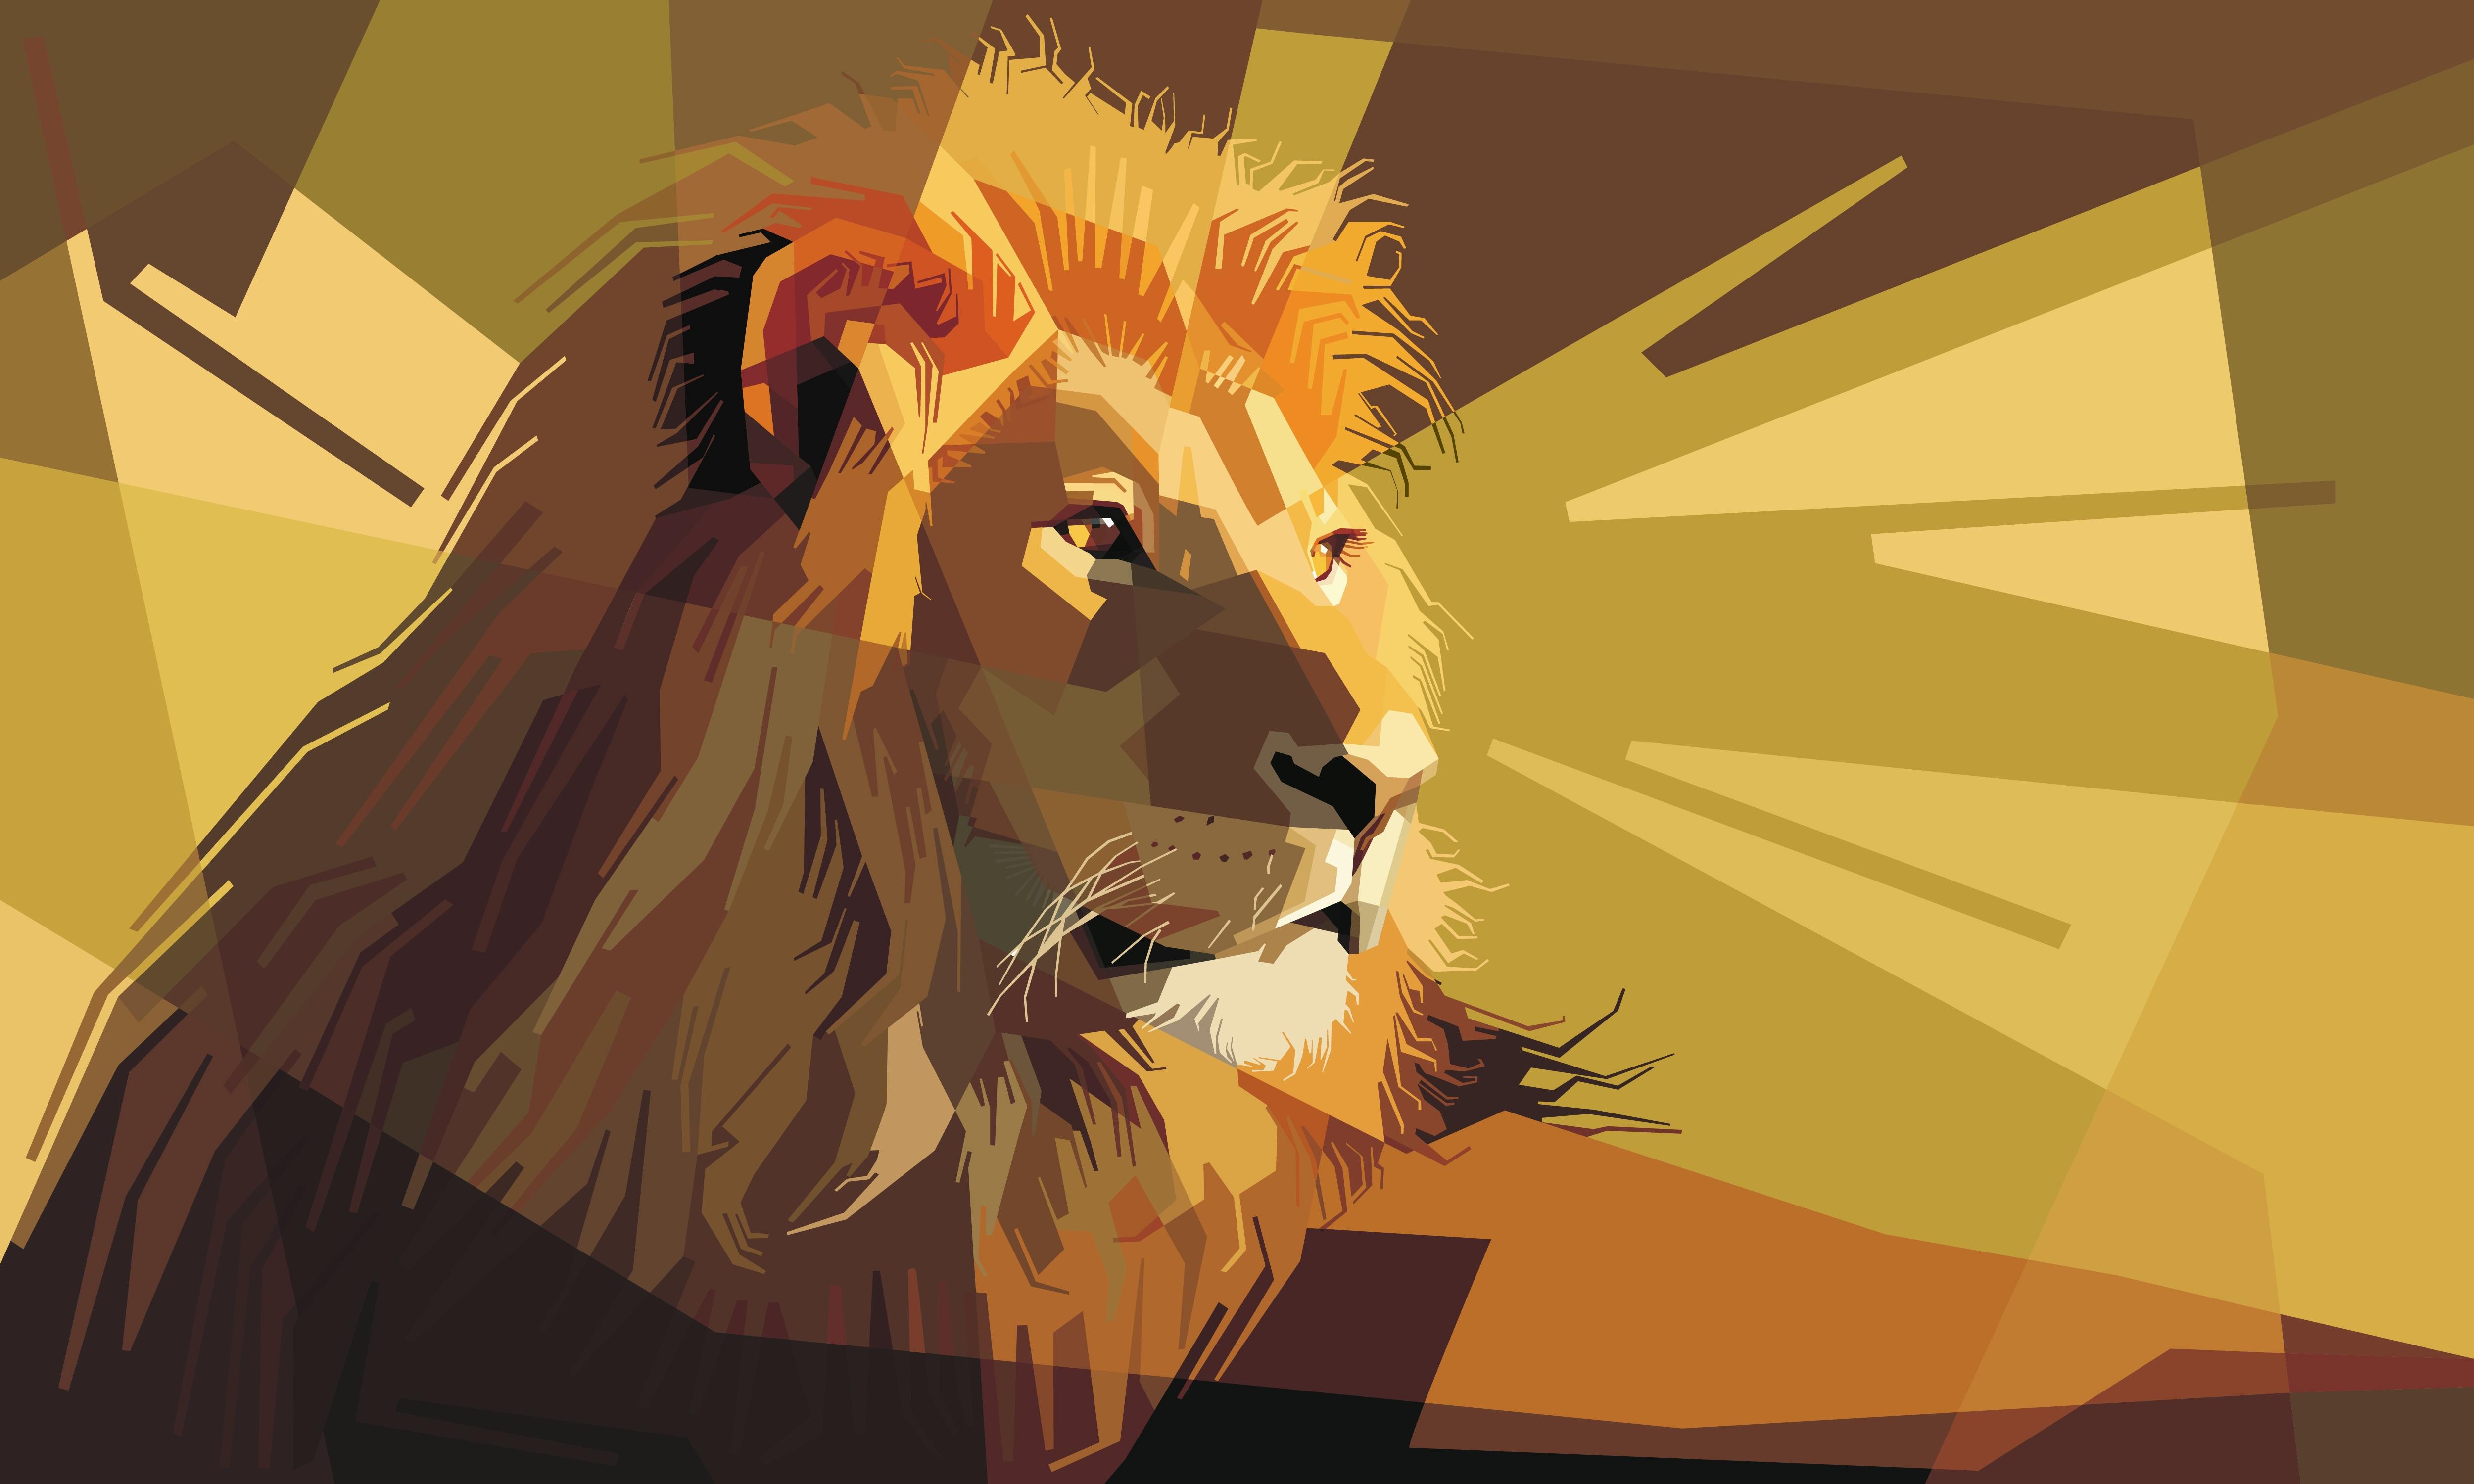 74159 Hintergrundbild herunterladen Kunst, Vektor, Linien, Ein Löwe, Löwe, Streifen - Bildschirmschoner und Bilder kostenlos